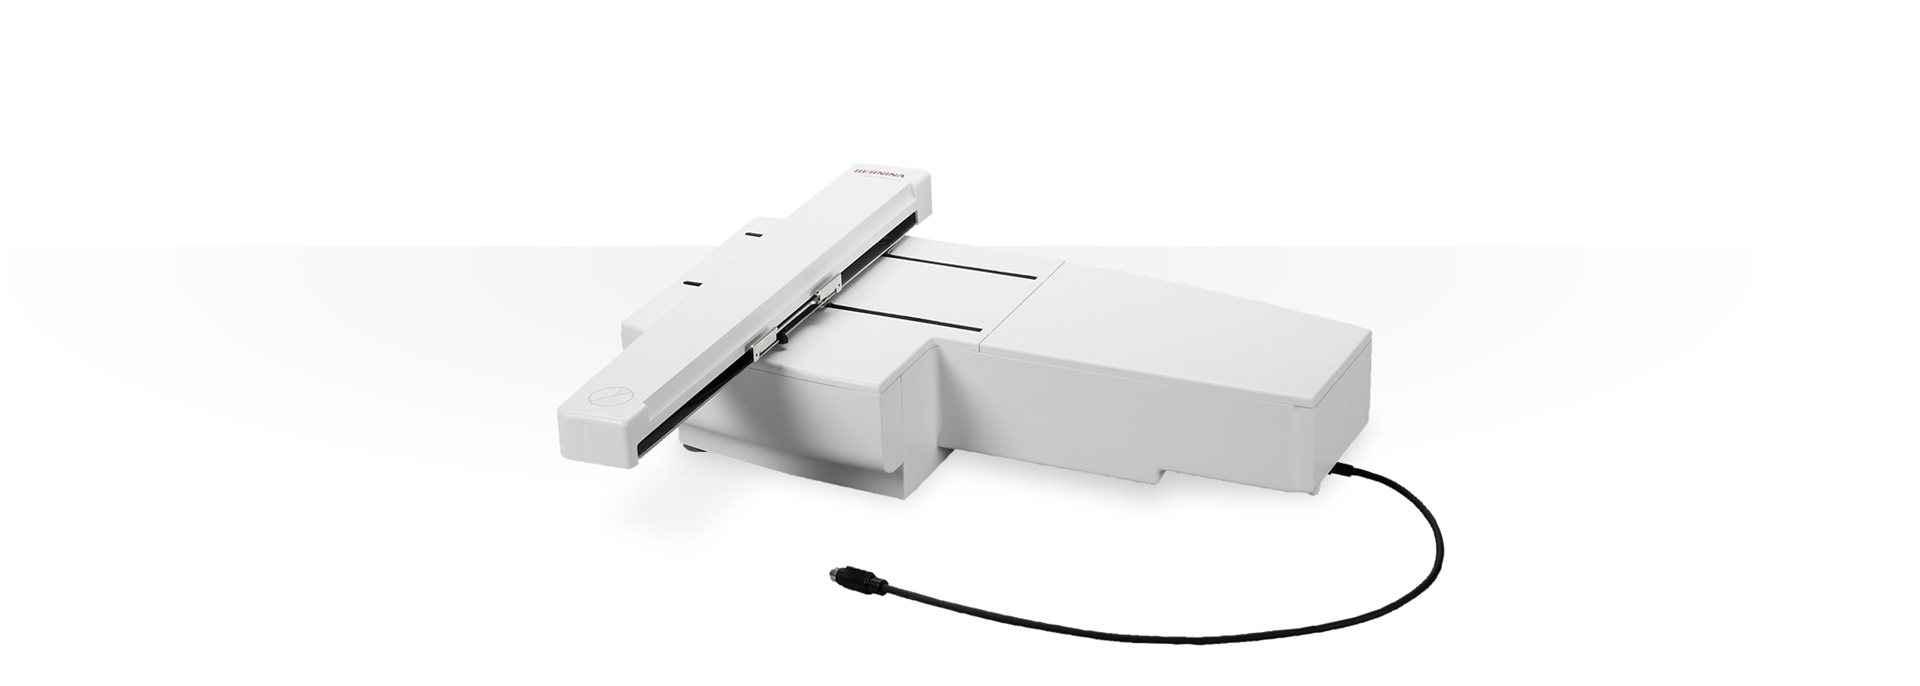 Вышивальный блок Bernina B560/580 цена